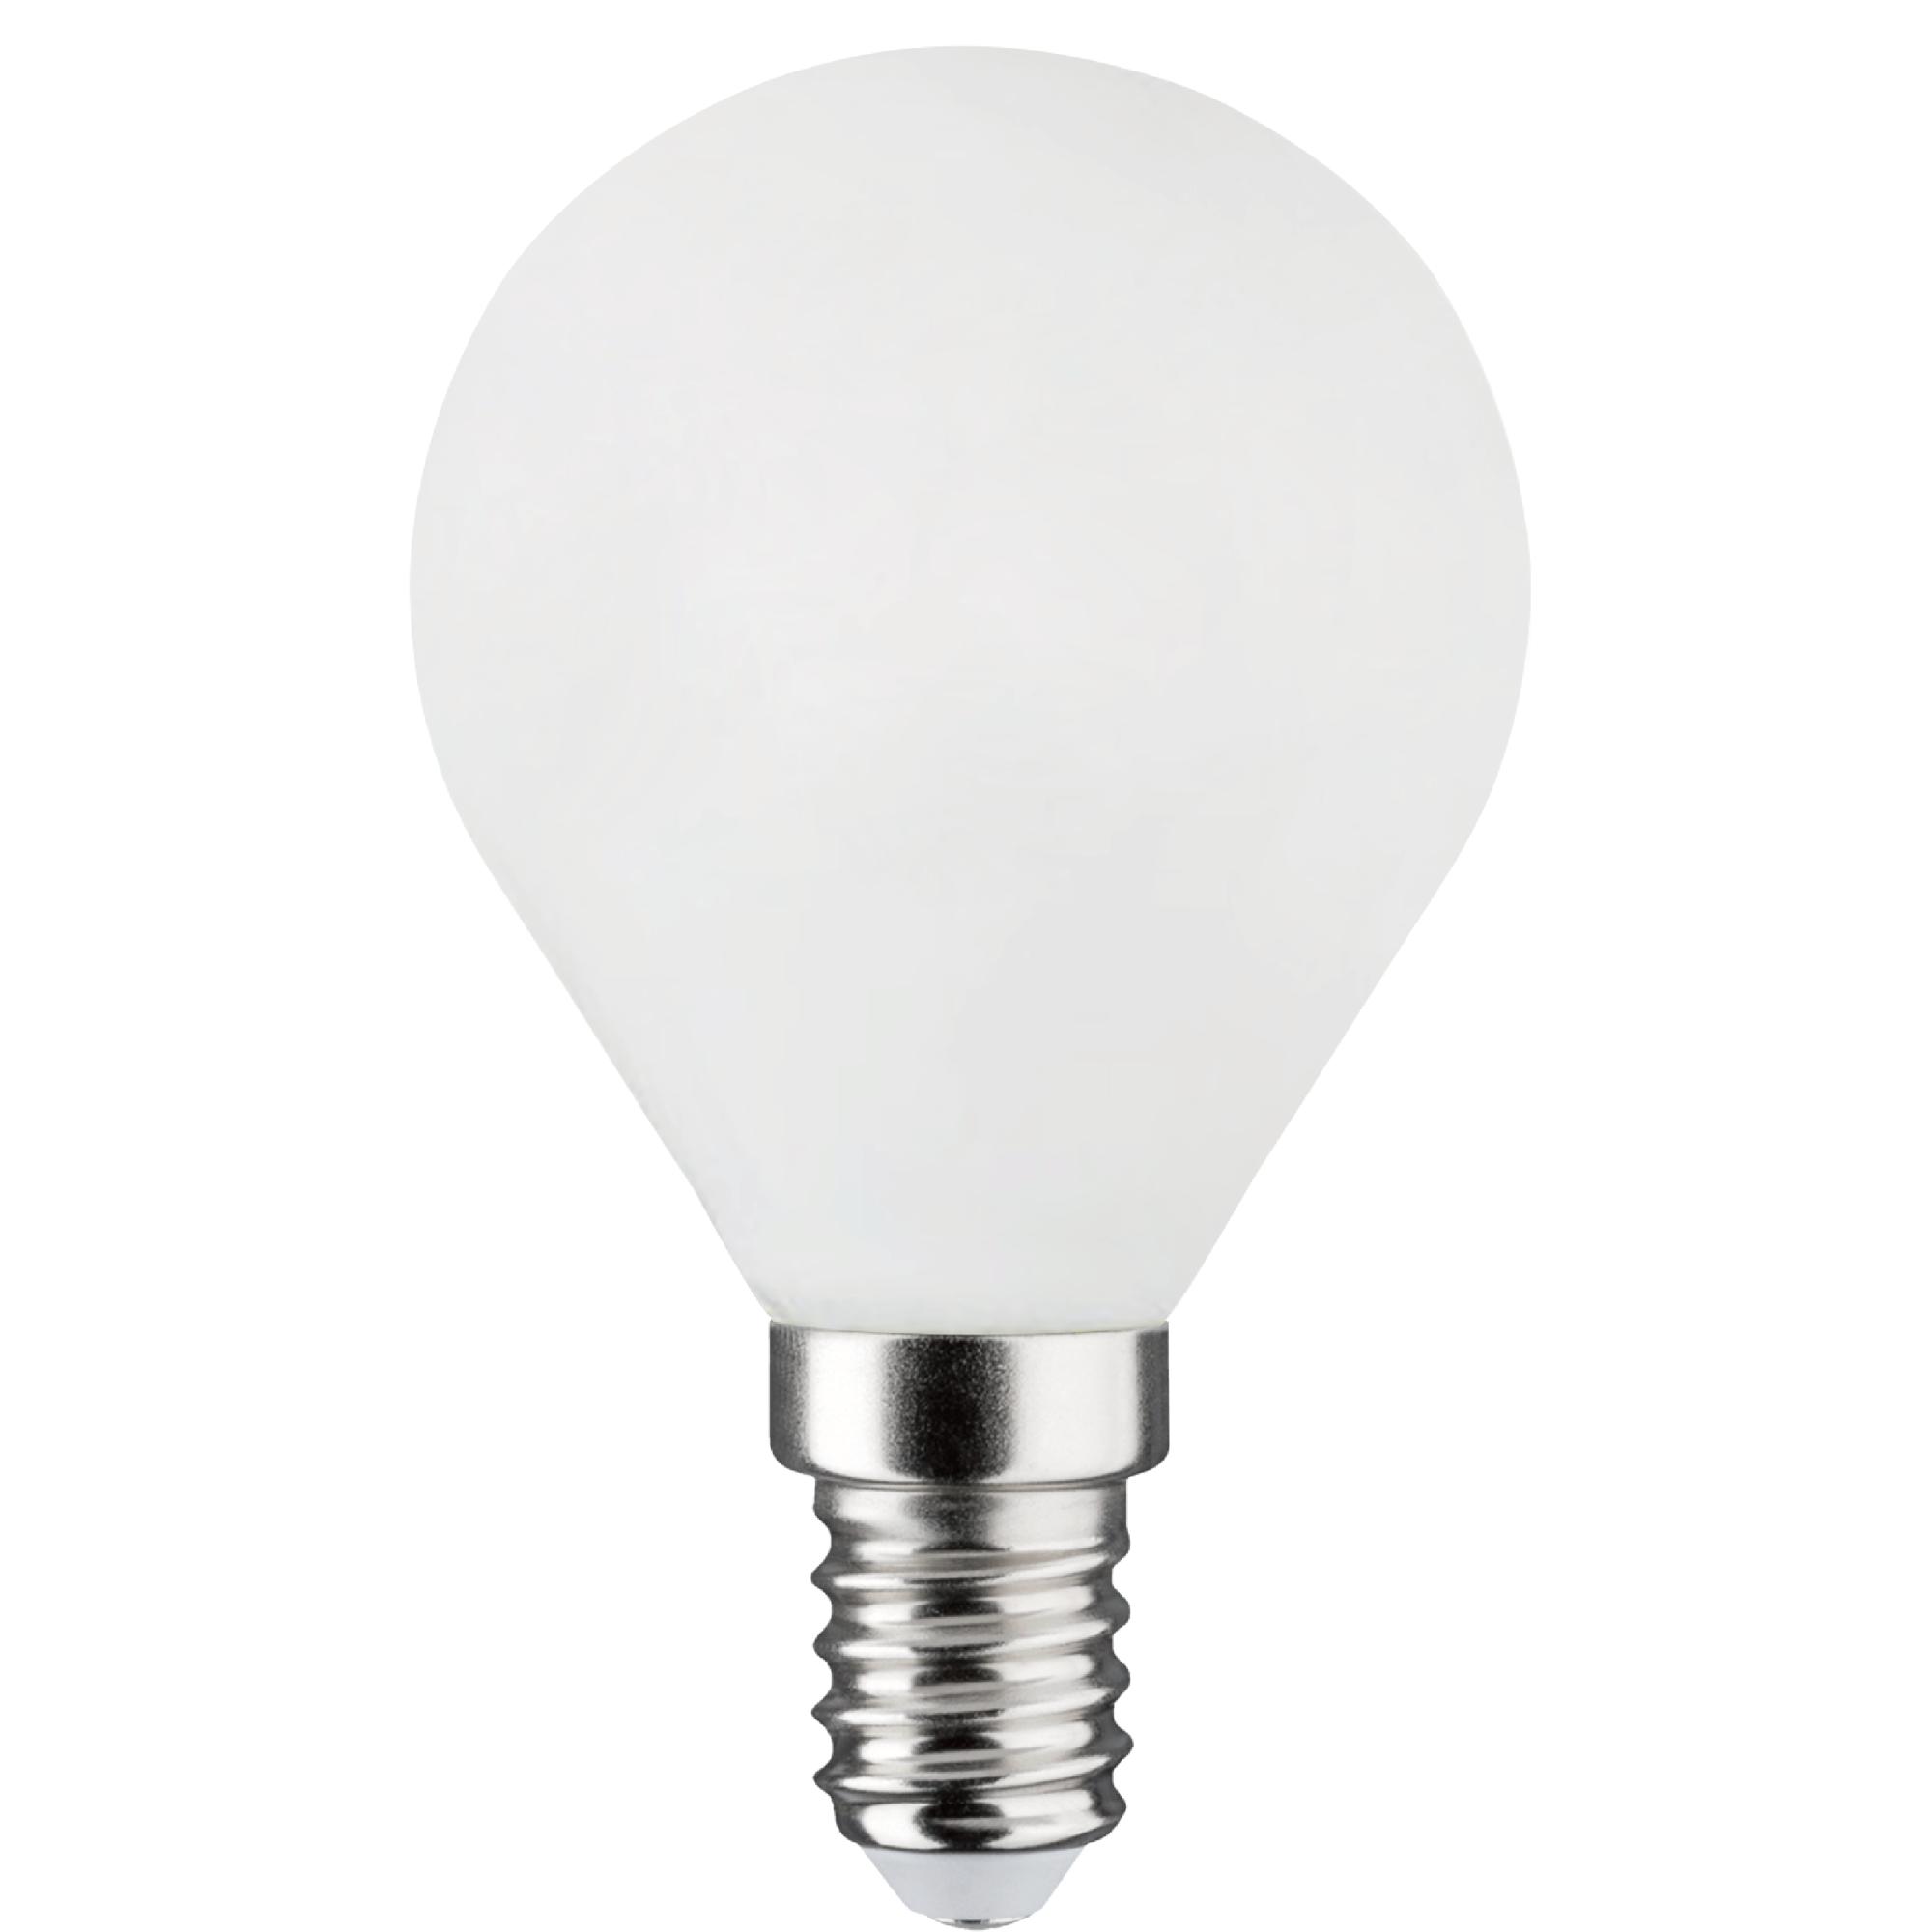 Лампа светодиодная филаментная Lexman E14 220 В 6.5 Вт сфера матовая 806 лм белый свет